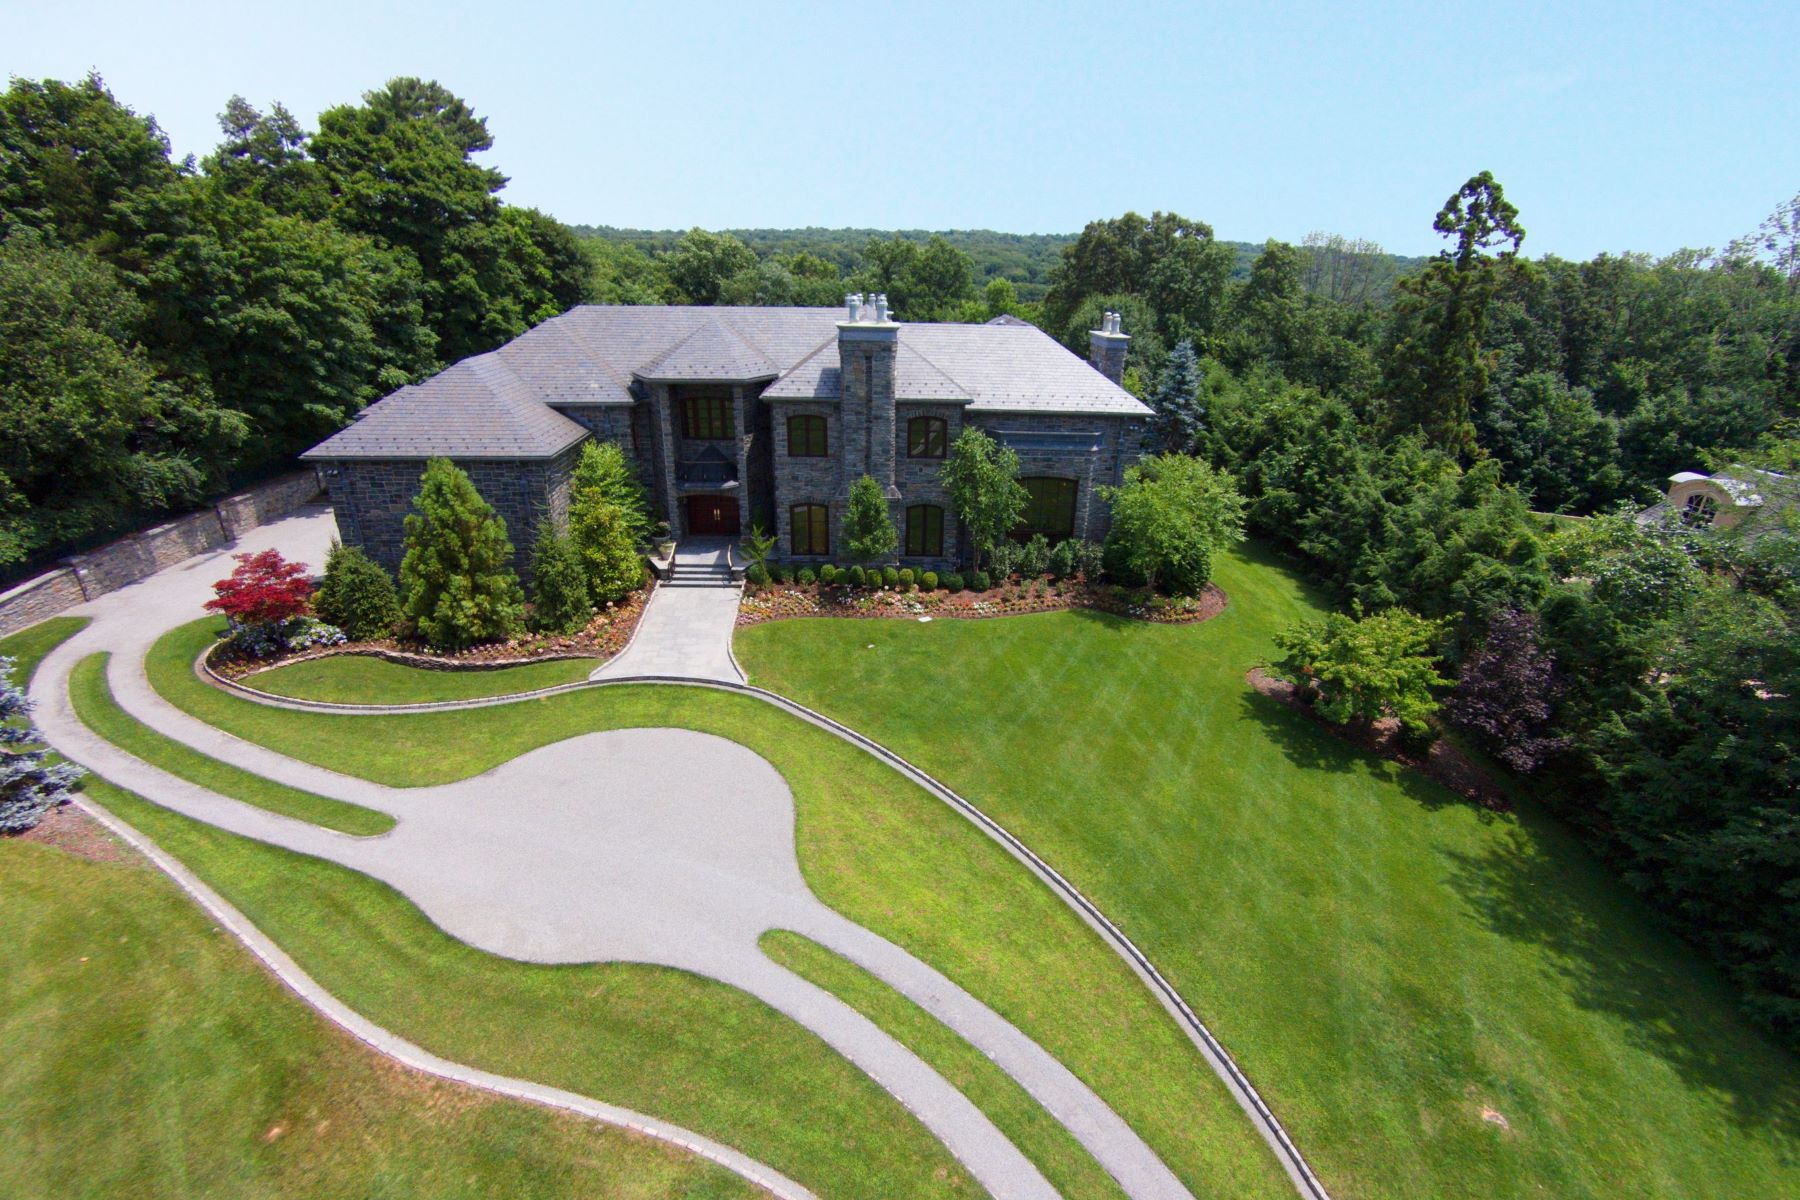 Casa Unifamiliar por un Venta en Mahogany Mansion 64 Stony Ridge Road Saddle River, Nueva Jersey 07458 Estados Unidos